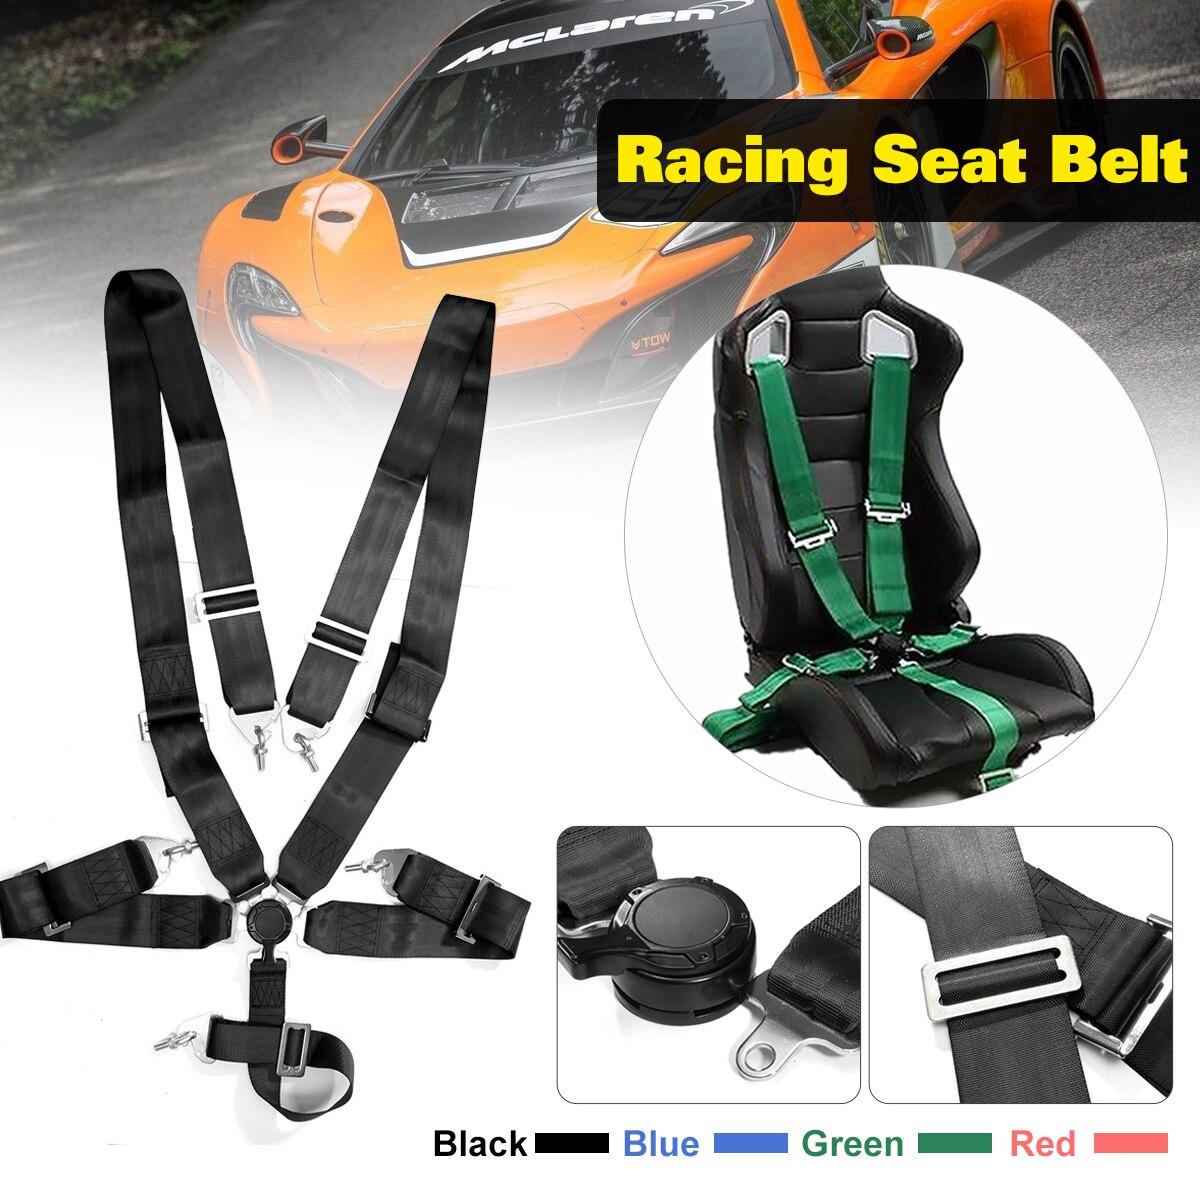 Réglable course ceintures de sécurité 5PT universel nouveau sport course harnais de sécurité ceintures de sécurité 5 points fixation rapide ceinture de sécurité